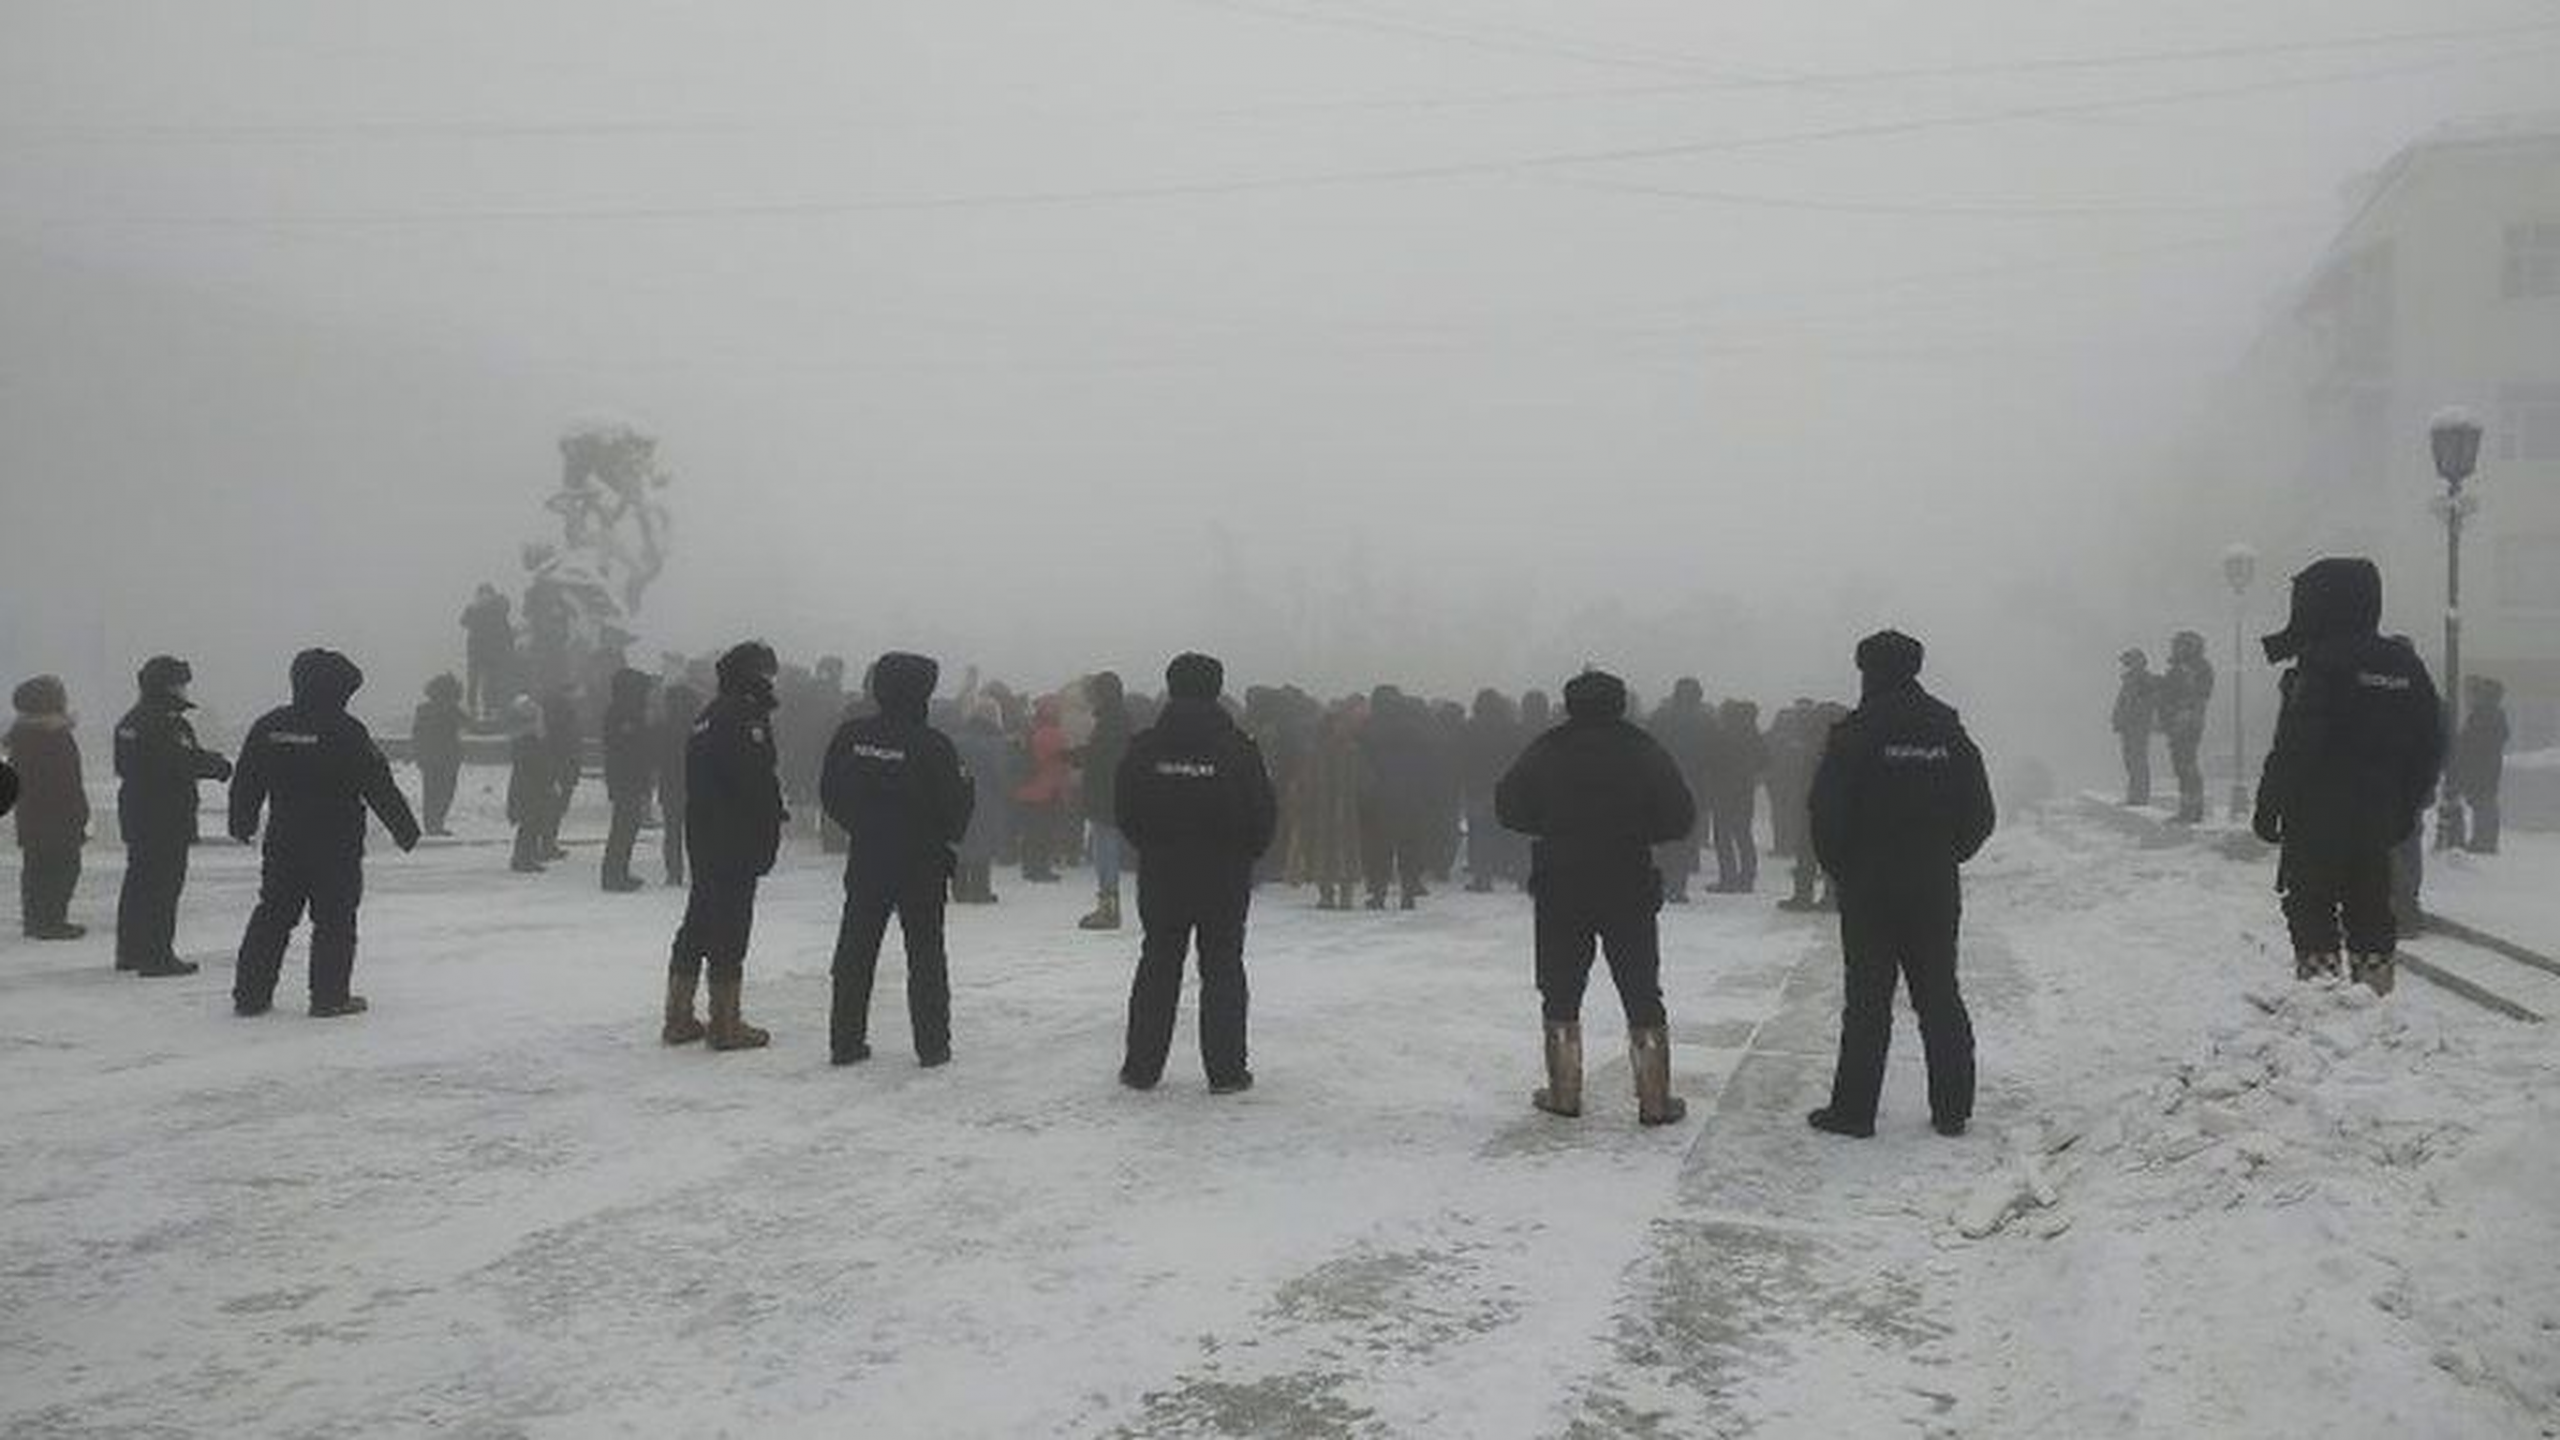 Proteste pro-Navalnîi în mai multe orașe din Rusia. Susținătorii au ieșit în stradă la -50 de grade Celsius